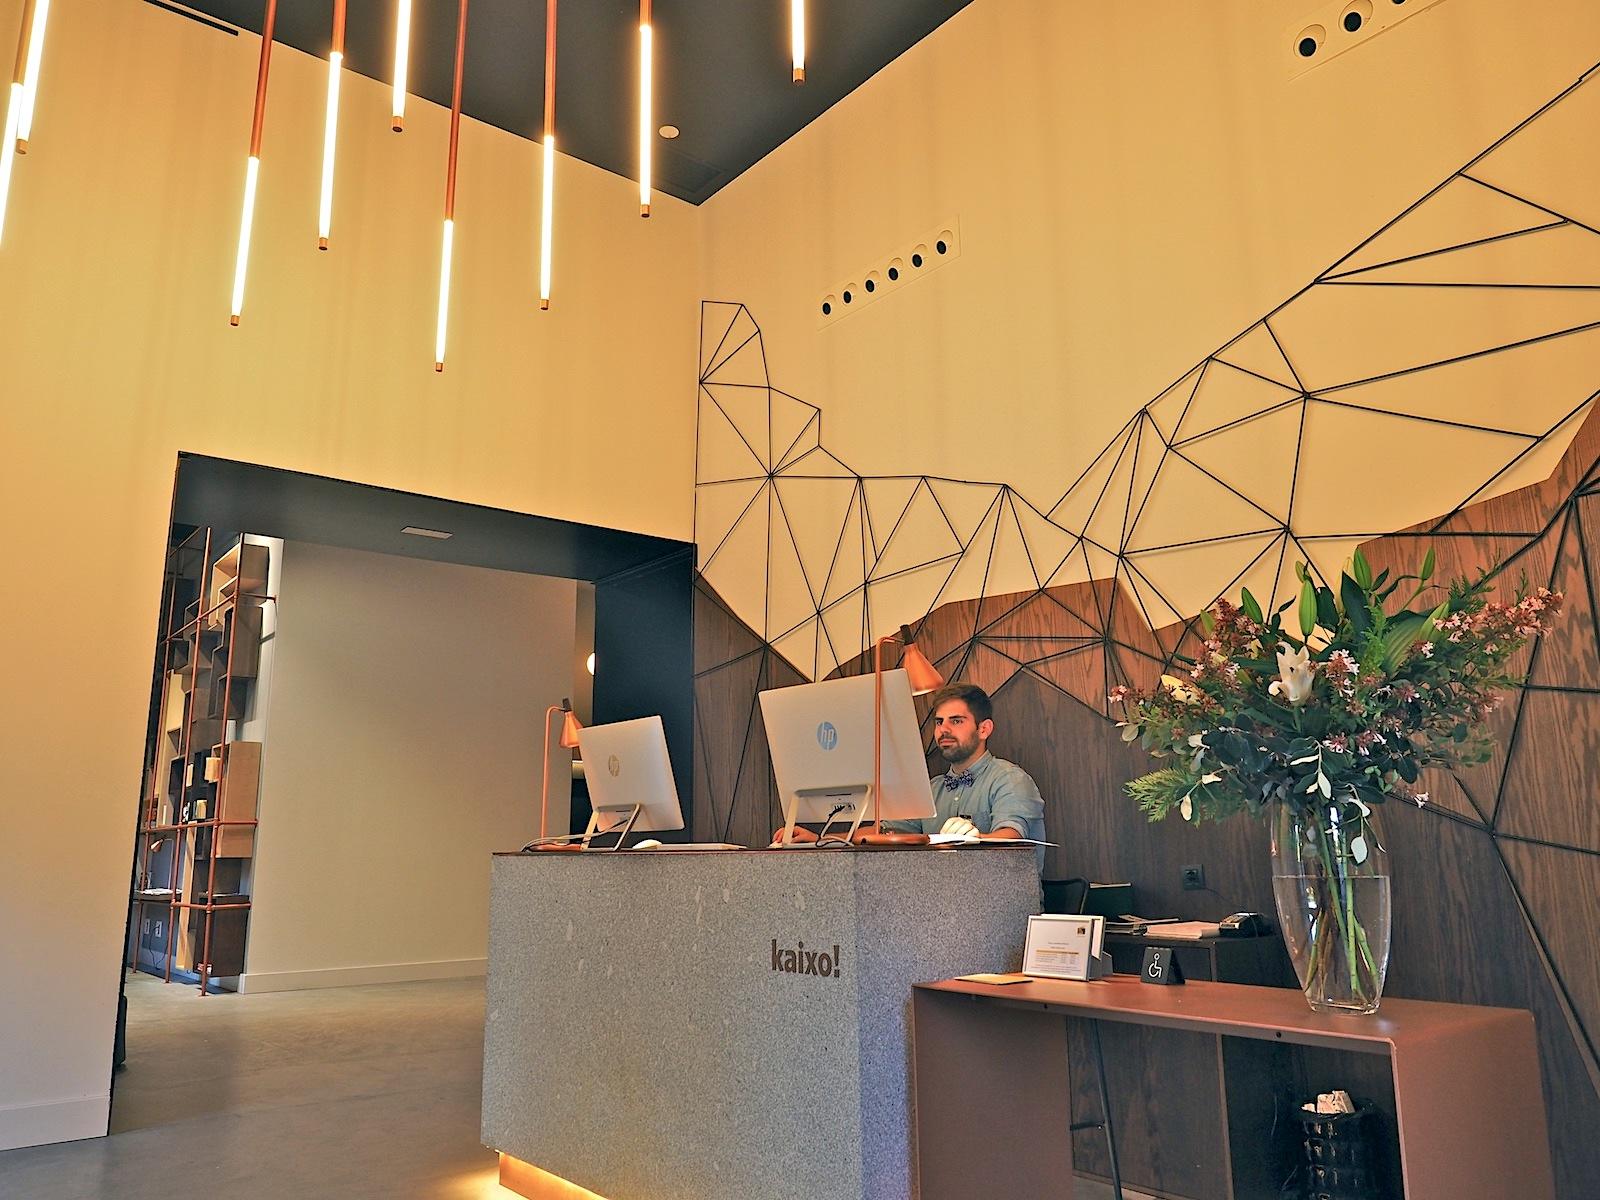 Gastlichkeit.. Kaixo! Mit einem lockeren Hallo! auf Baskisch begrüßt das Hotel One Shot seine Gäste im Ostflügel der Tabakalera. Für die Einrichtung gesorgt hat das Atelier Altaro Manrique aus Donostia / San Sebastián.